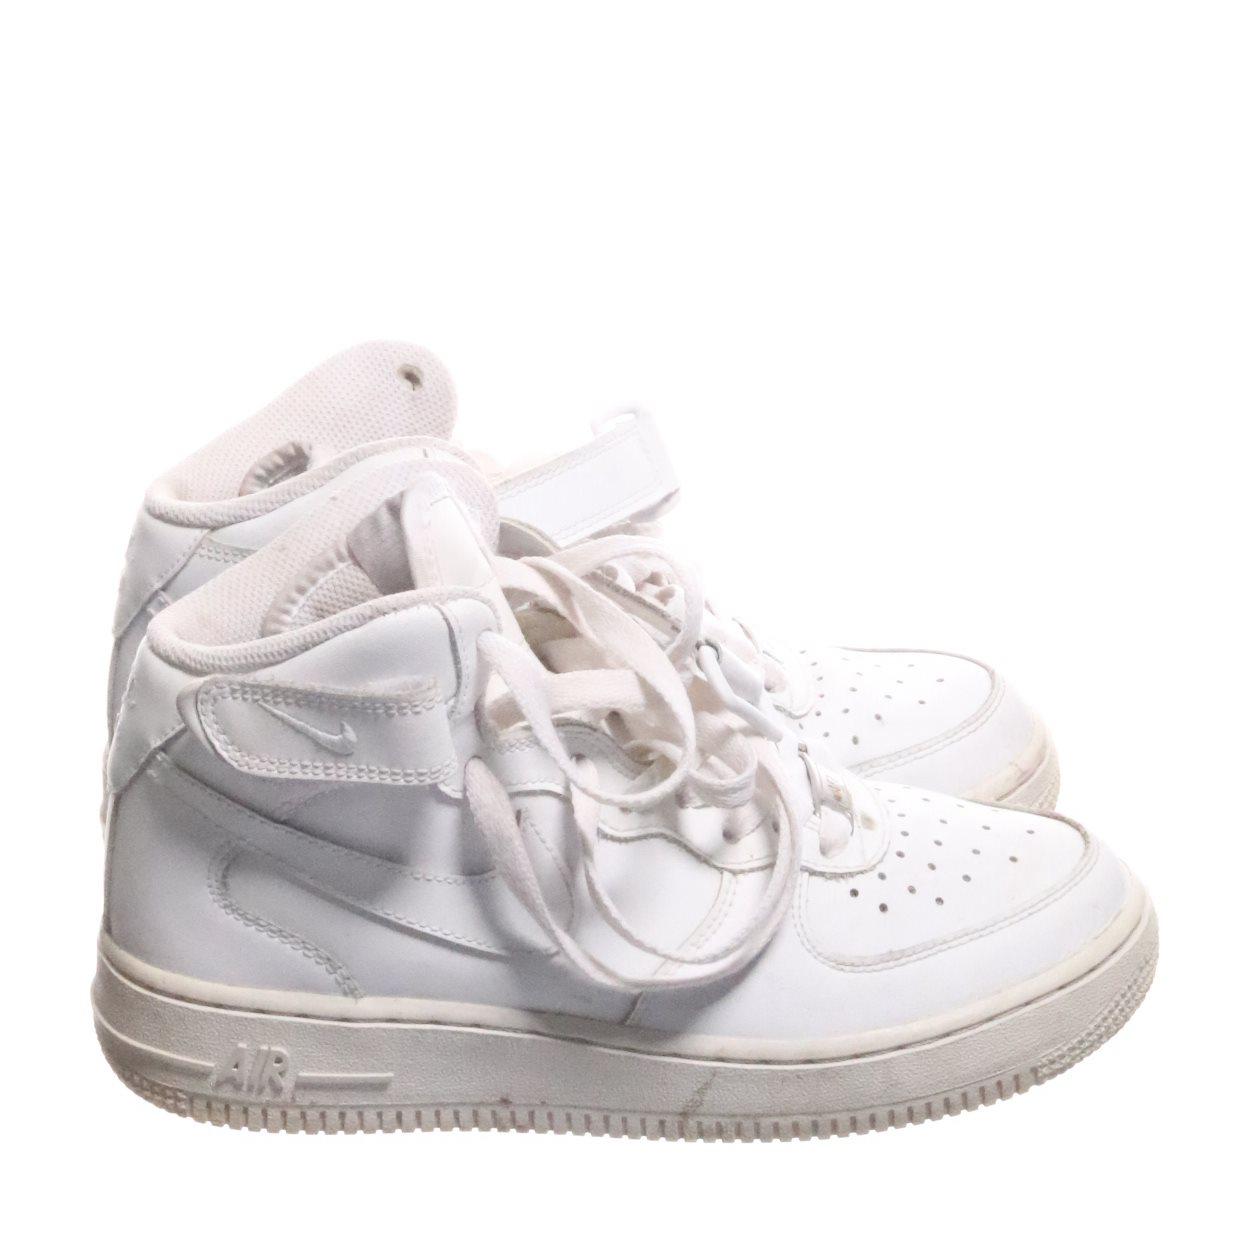 best website 3701a 58915 Nike, Sneakers, Strl  36, Air Force 1, Vit